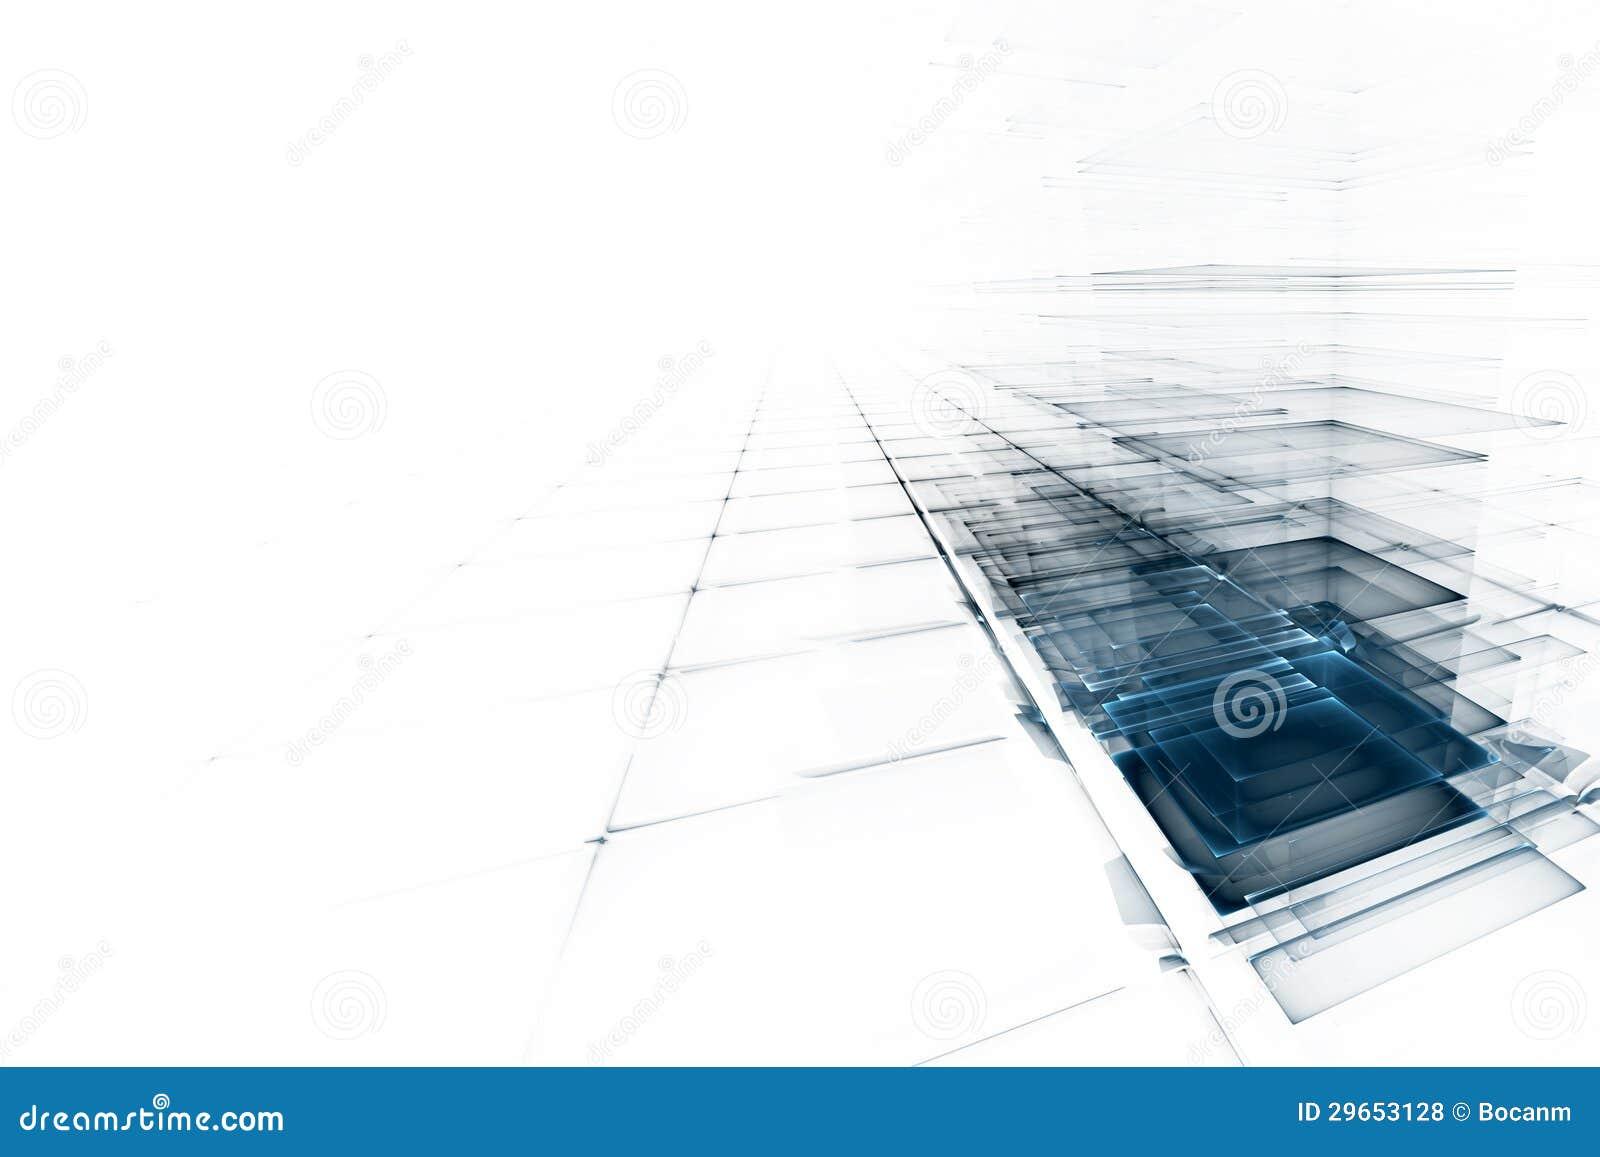 Abstrakt affärsvetenskap eller teknologibakgrund